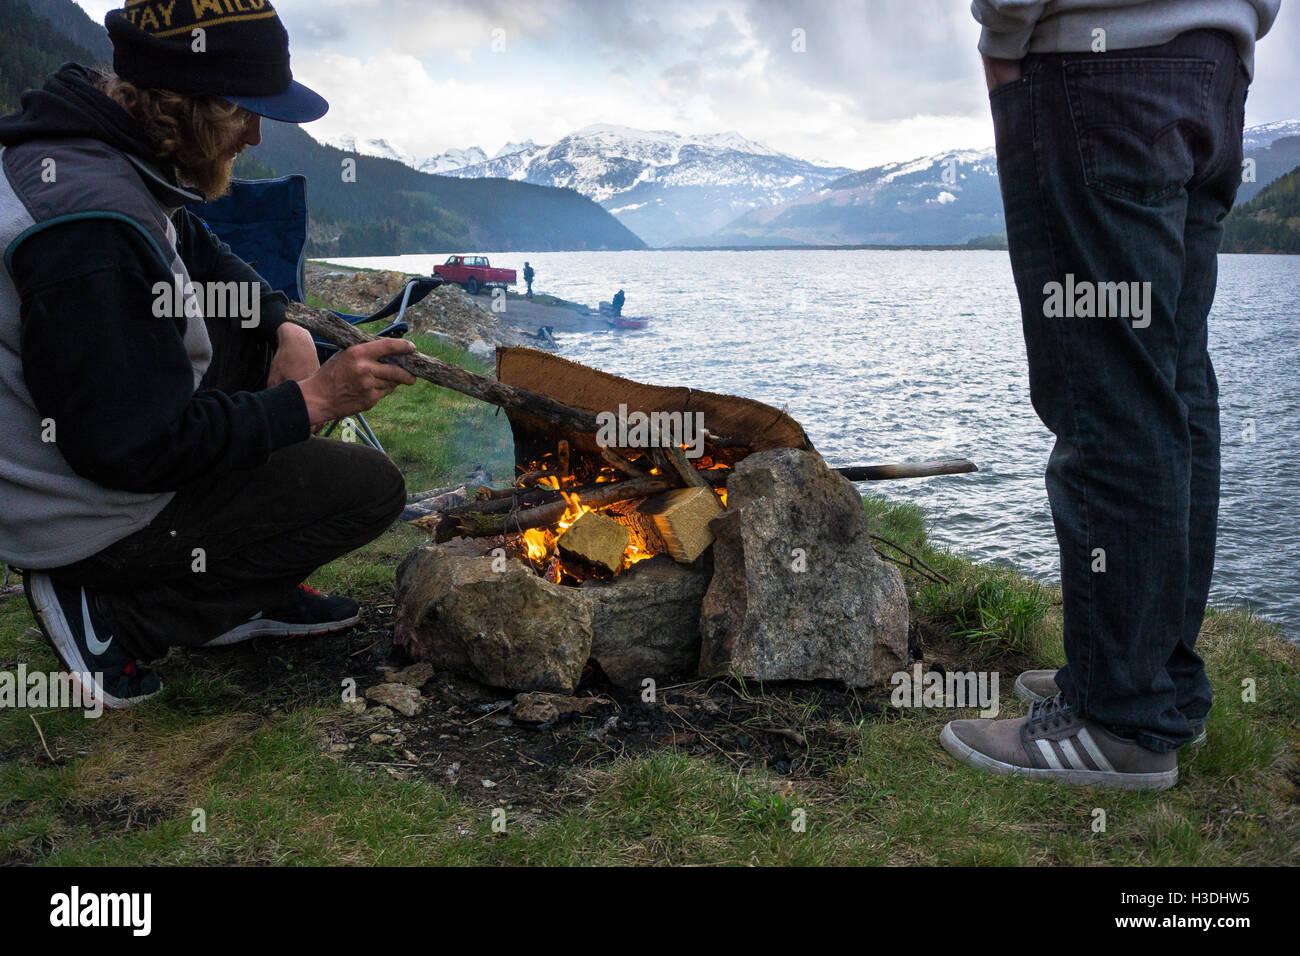 Amigos construya un fuego a la orilla de un lago en el interior de la Columbia Británica Imagen De Stock